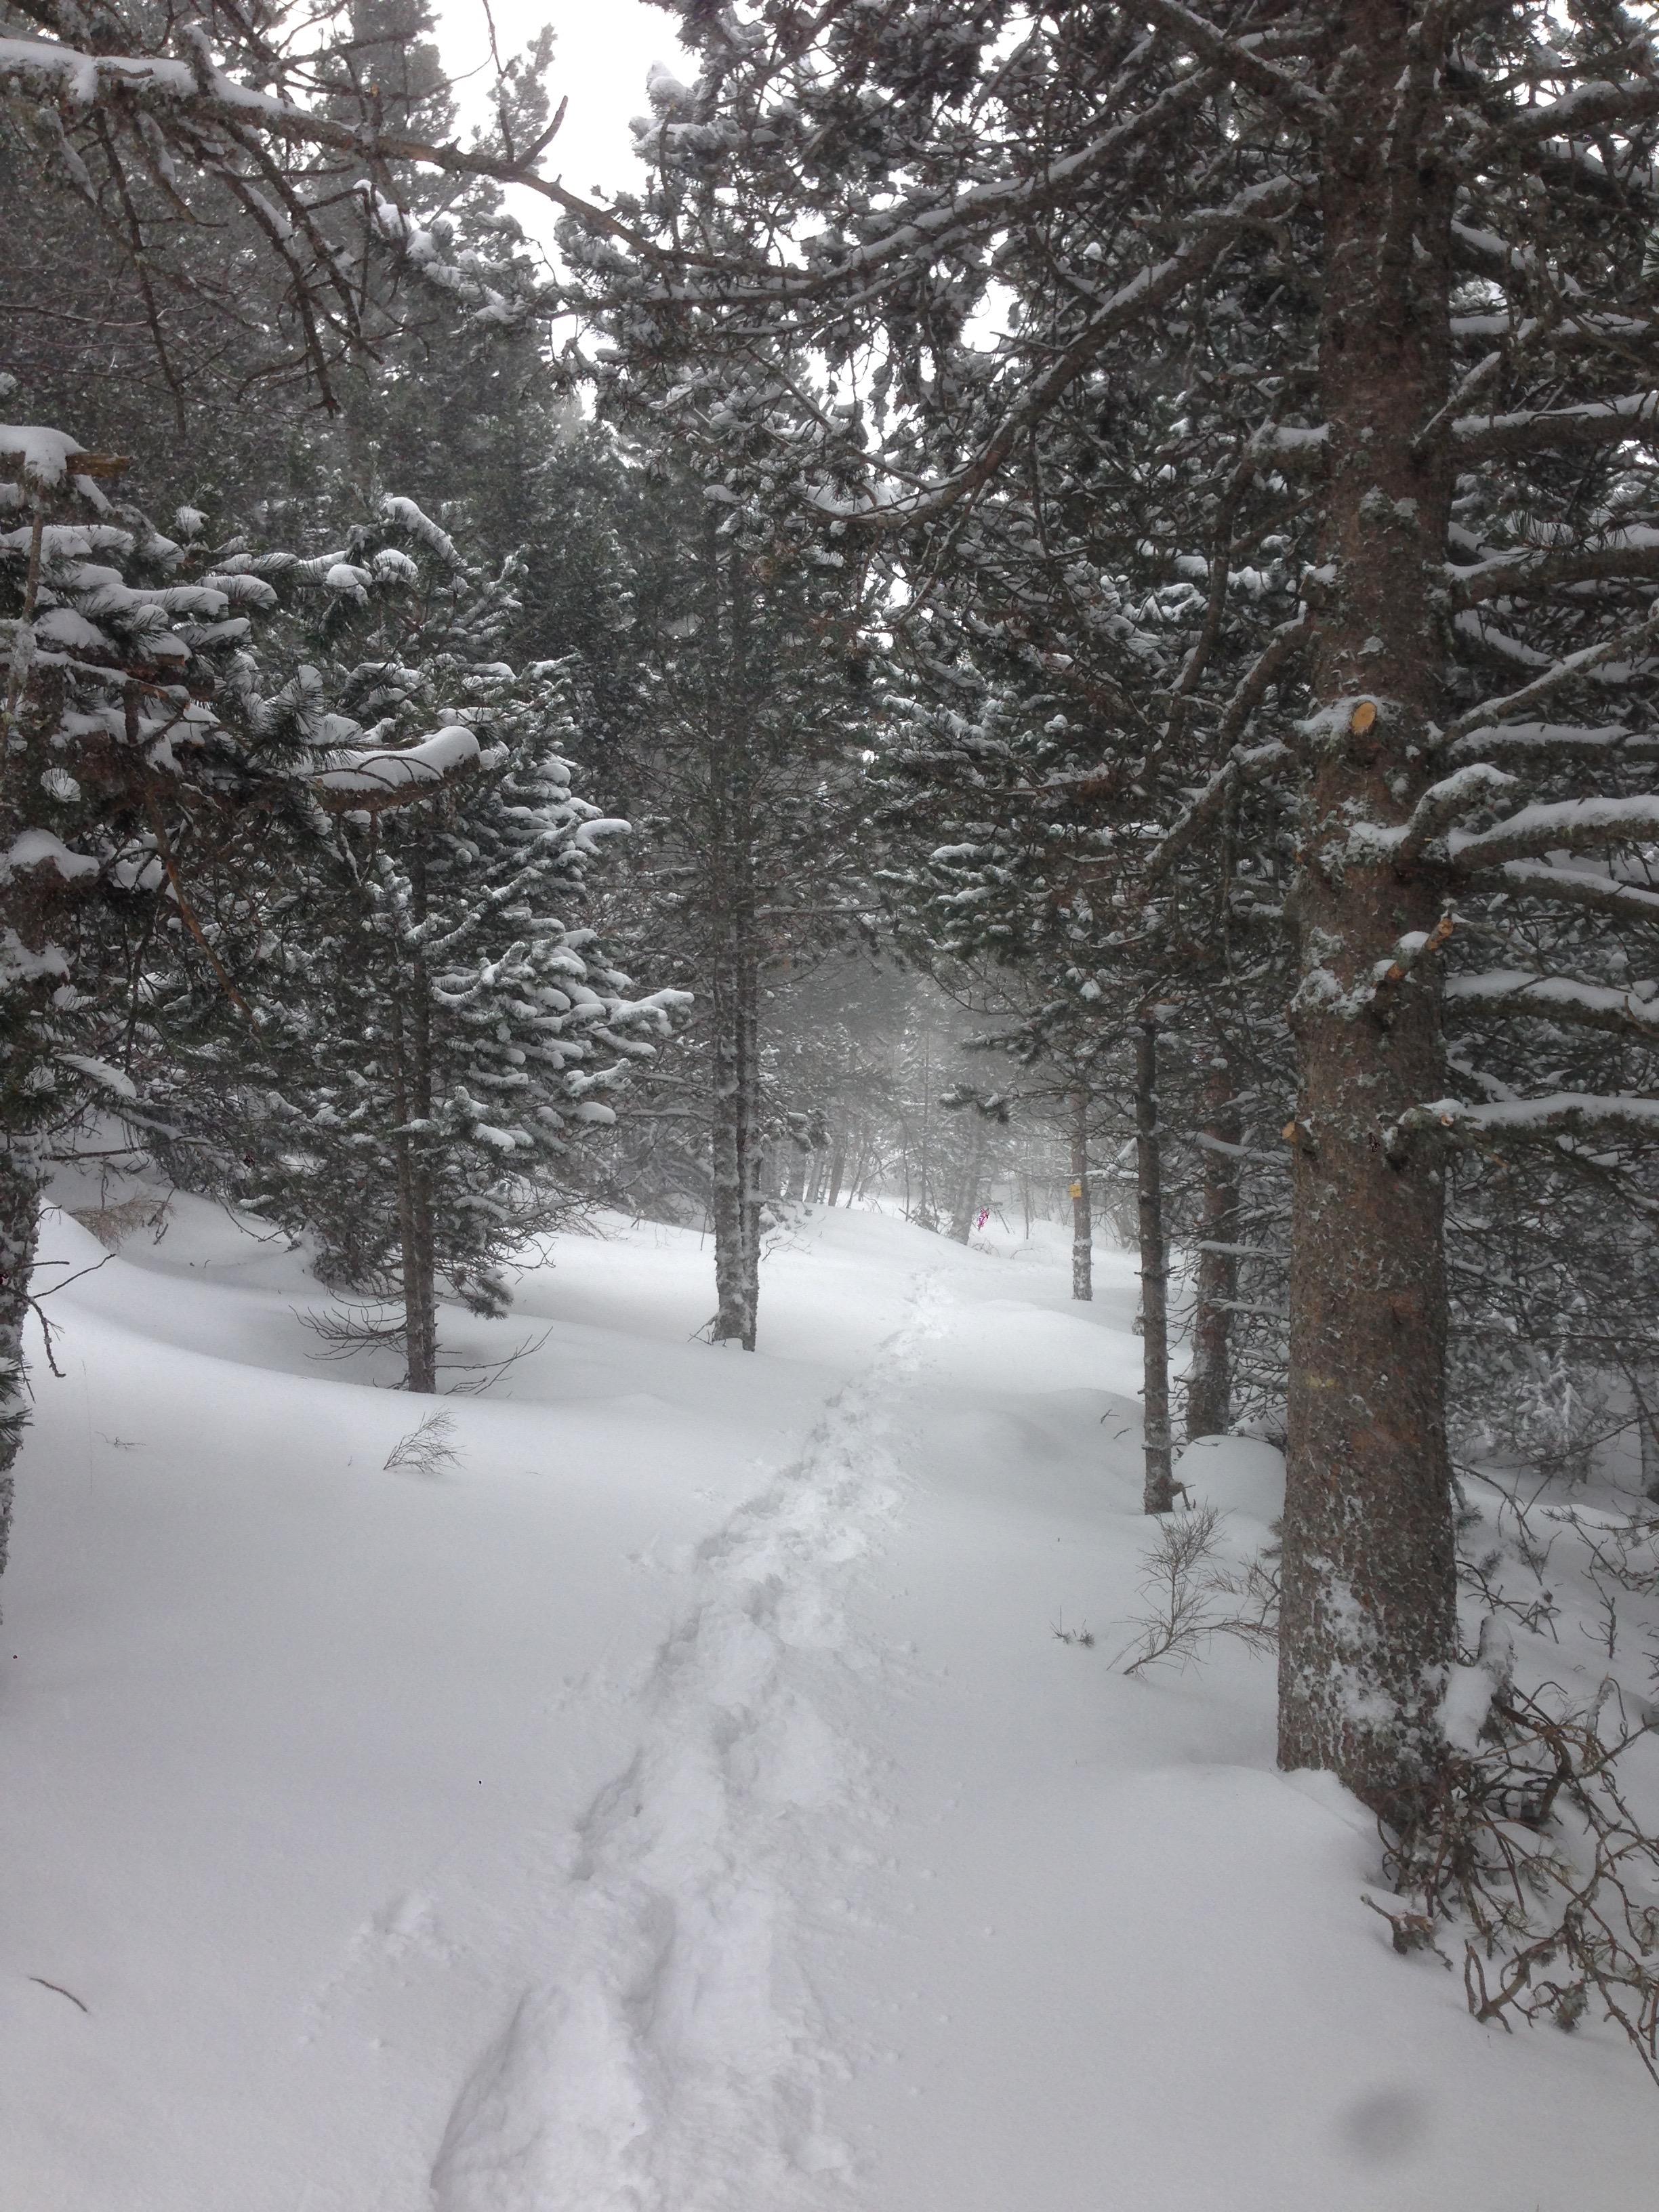 Snowy winter escape